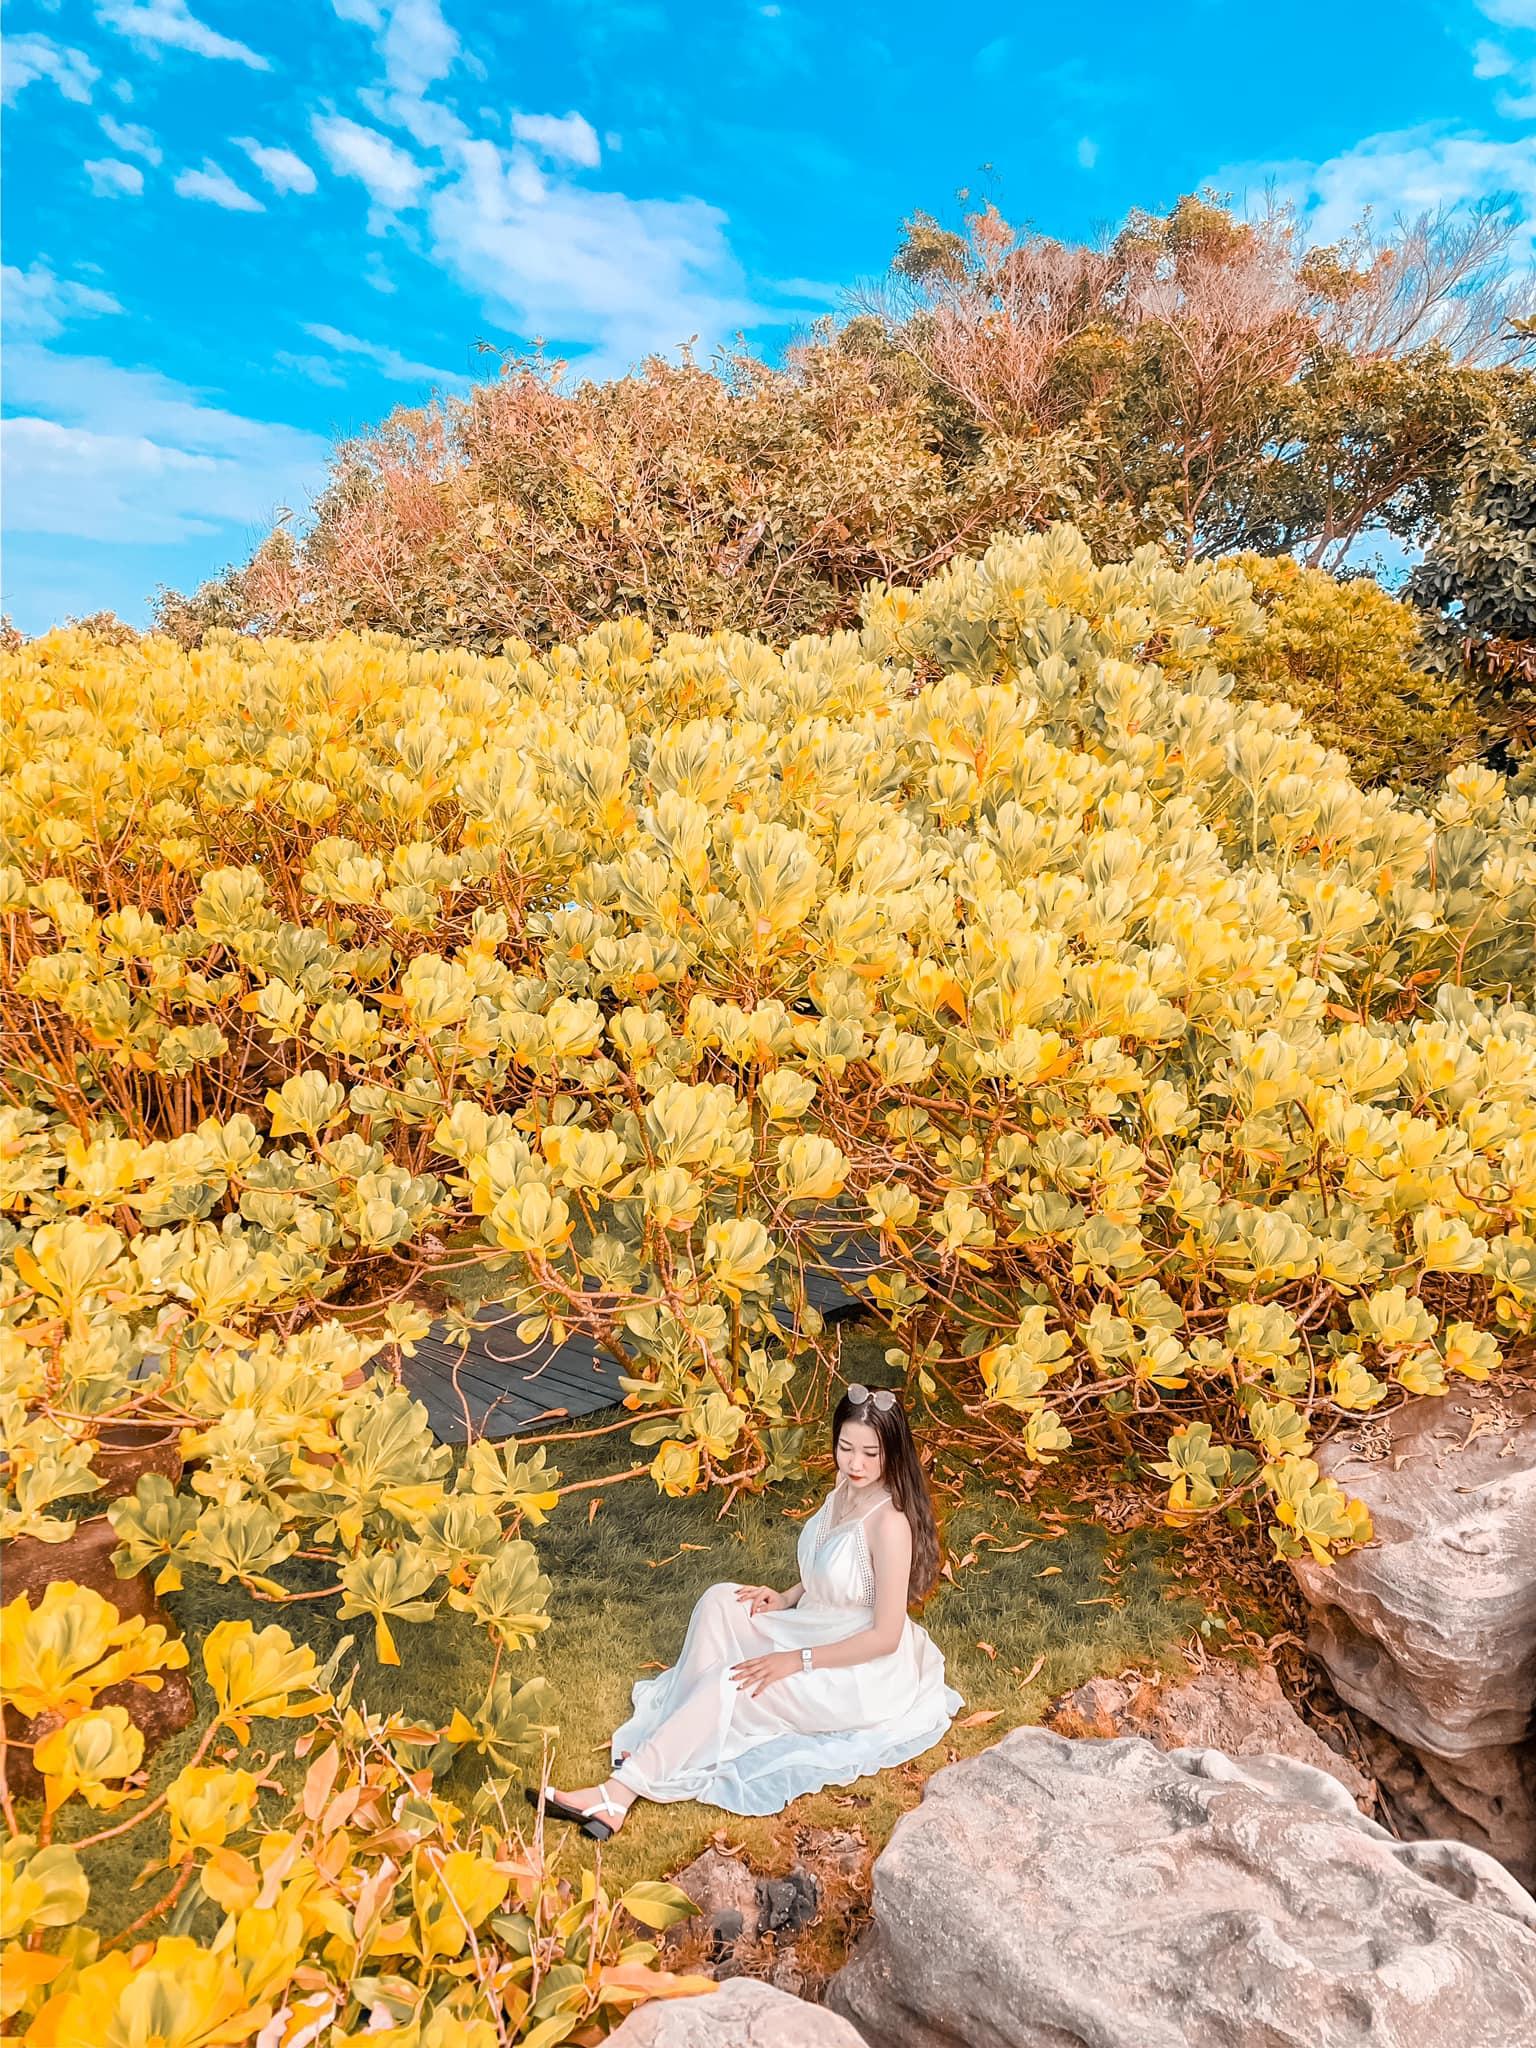 Tour du lịch Phú Quốc khởi hành từ Rạch Giá: Vô vàn ưu đãi trong dịp hè này  - Ảnh 29.